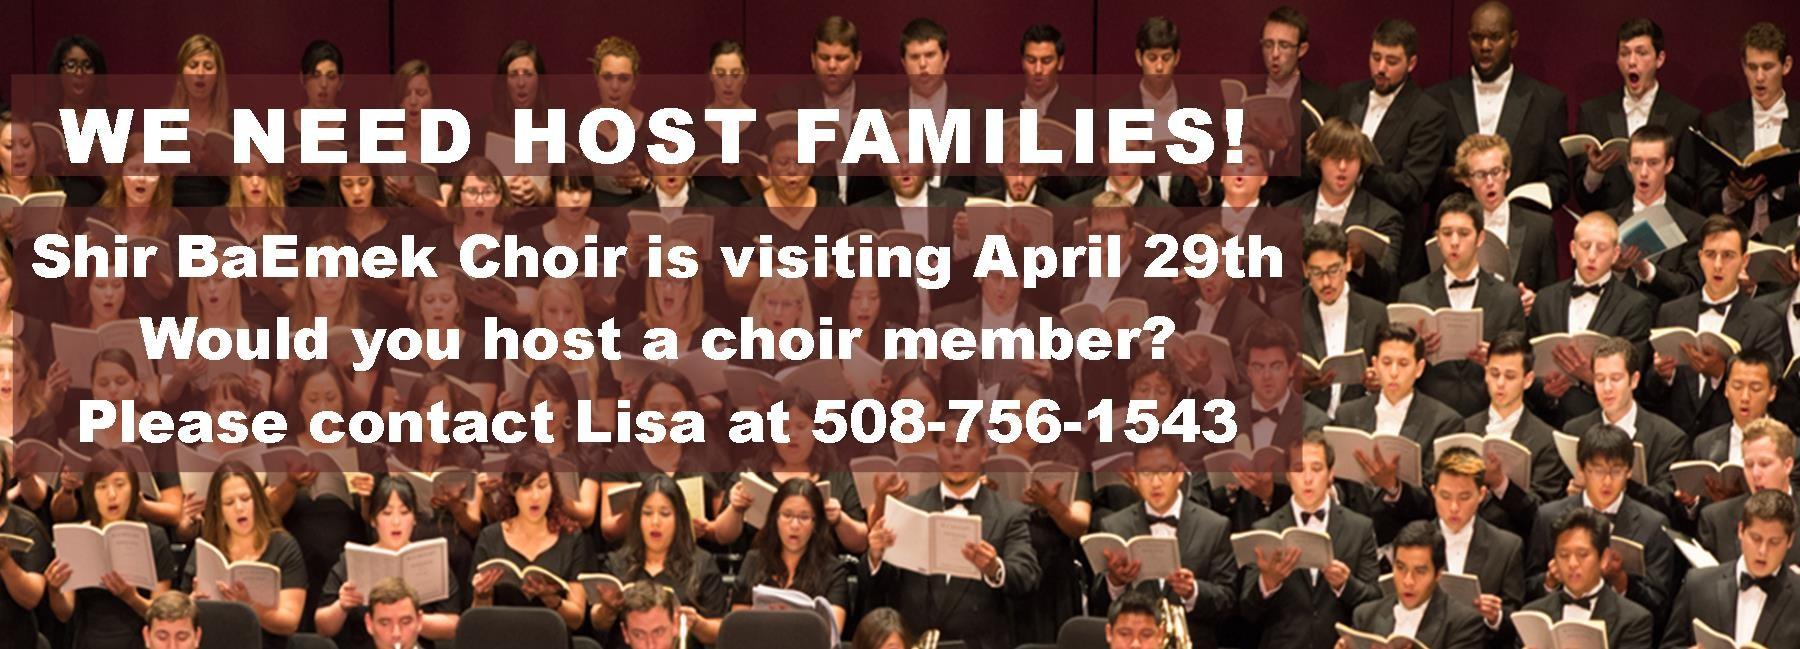 Choir host family 2018_hero.jpg